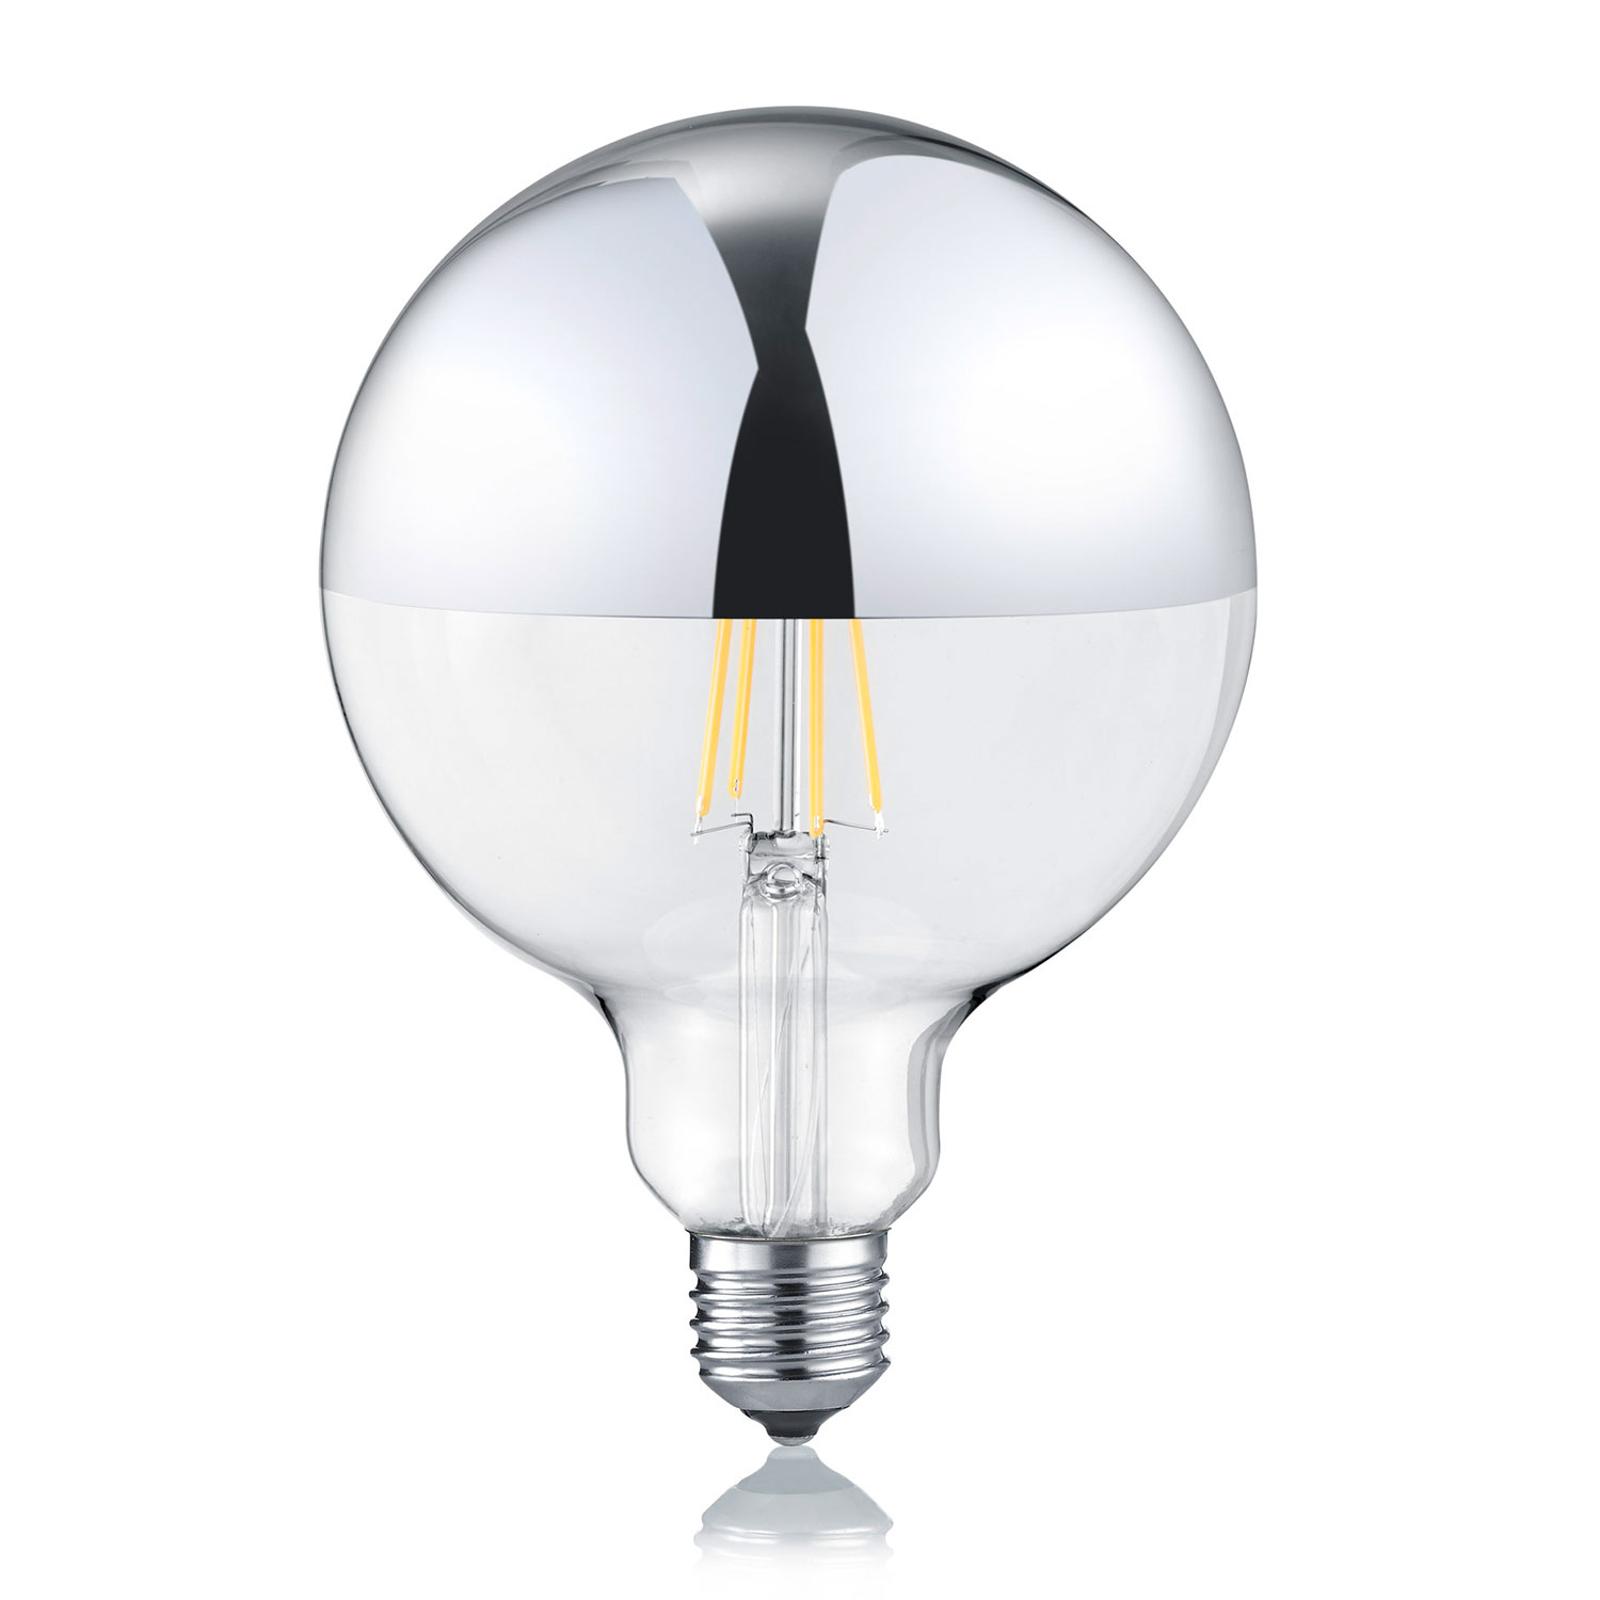 LED-Lampe E27 G125 7W 2.700K dimmbar Spiegelkopf